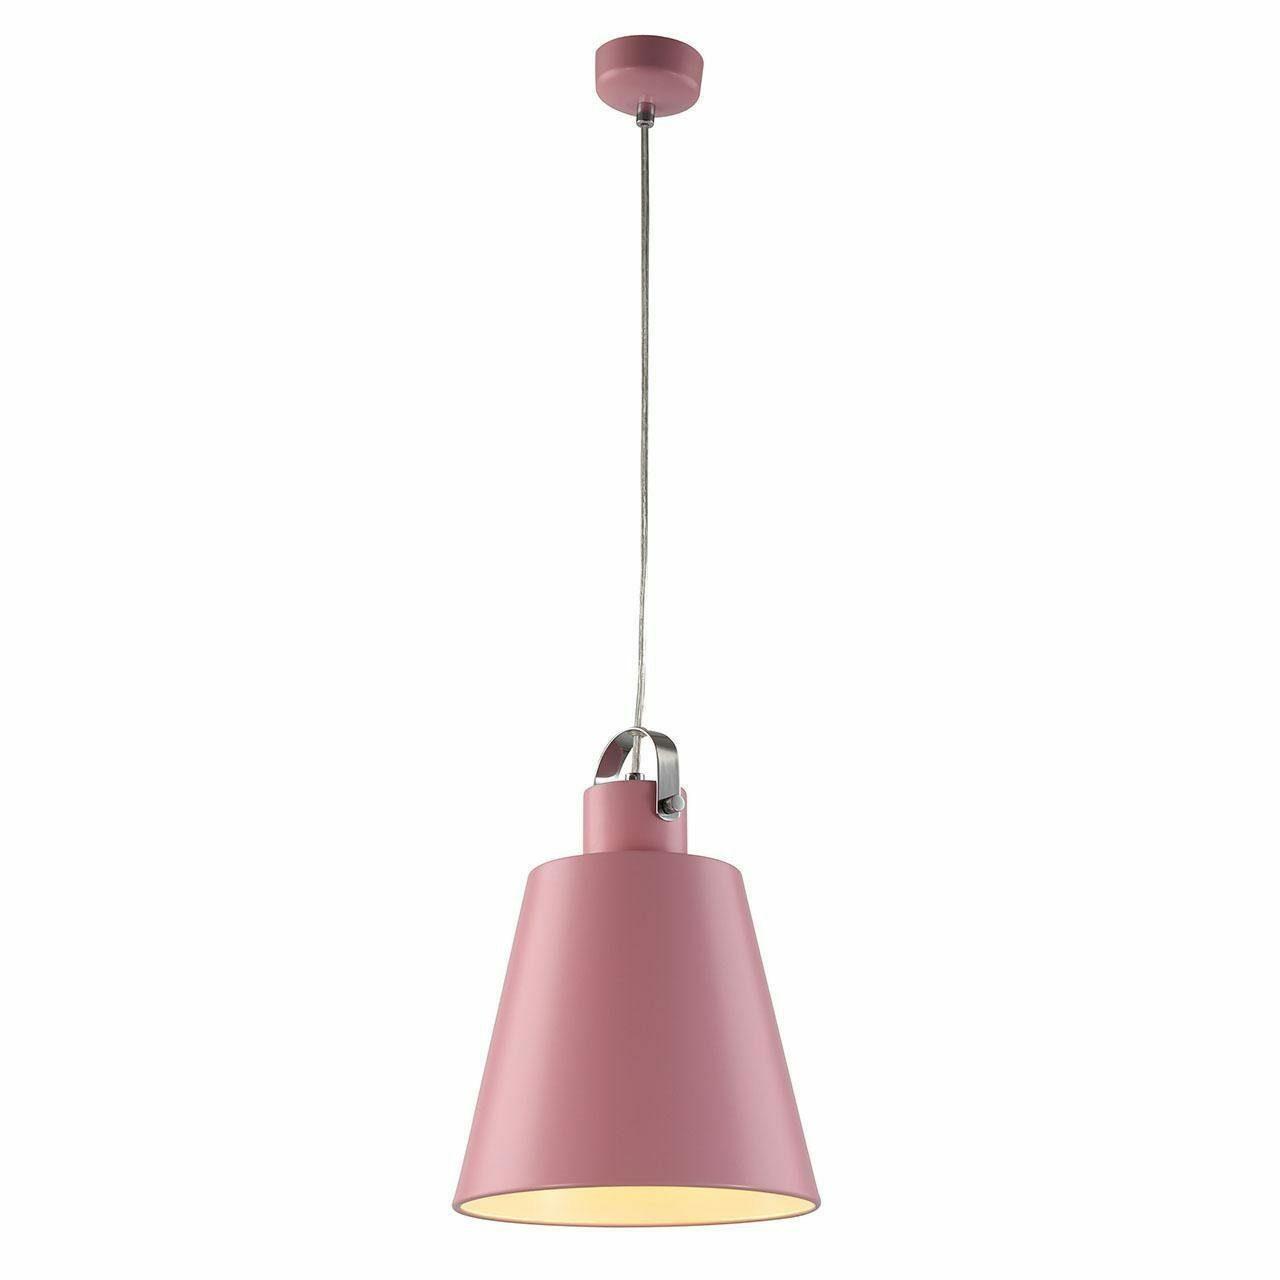 Светодиодный св-к подвесной 5W 4200К Розовый HL876L PN